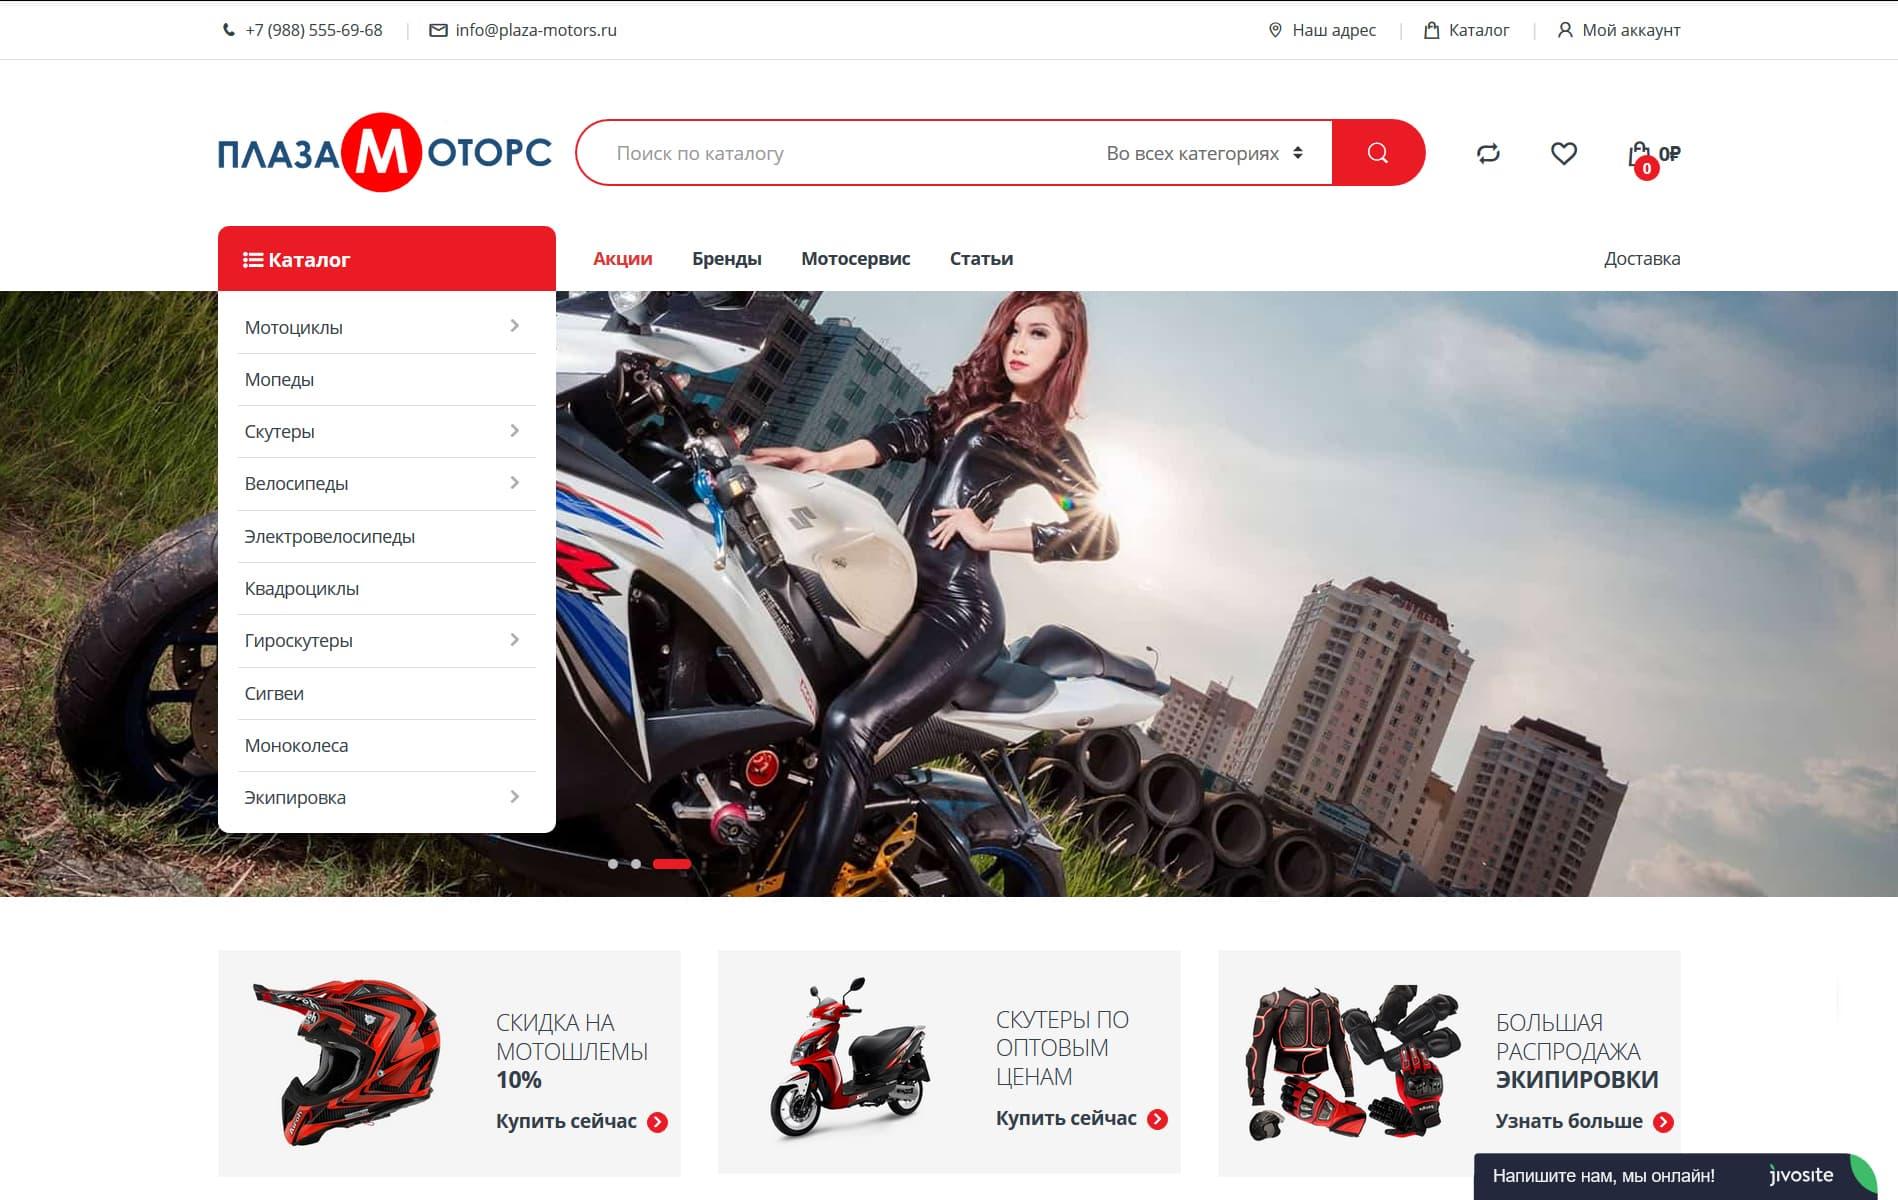 разработка сайтов click61.ru / flsdeveloper@mail.ru